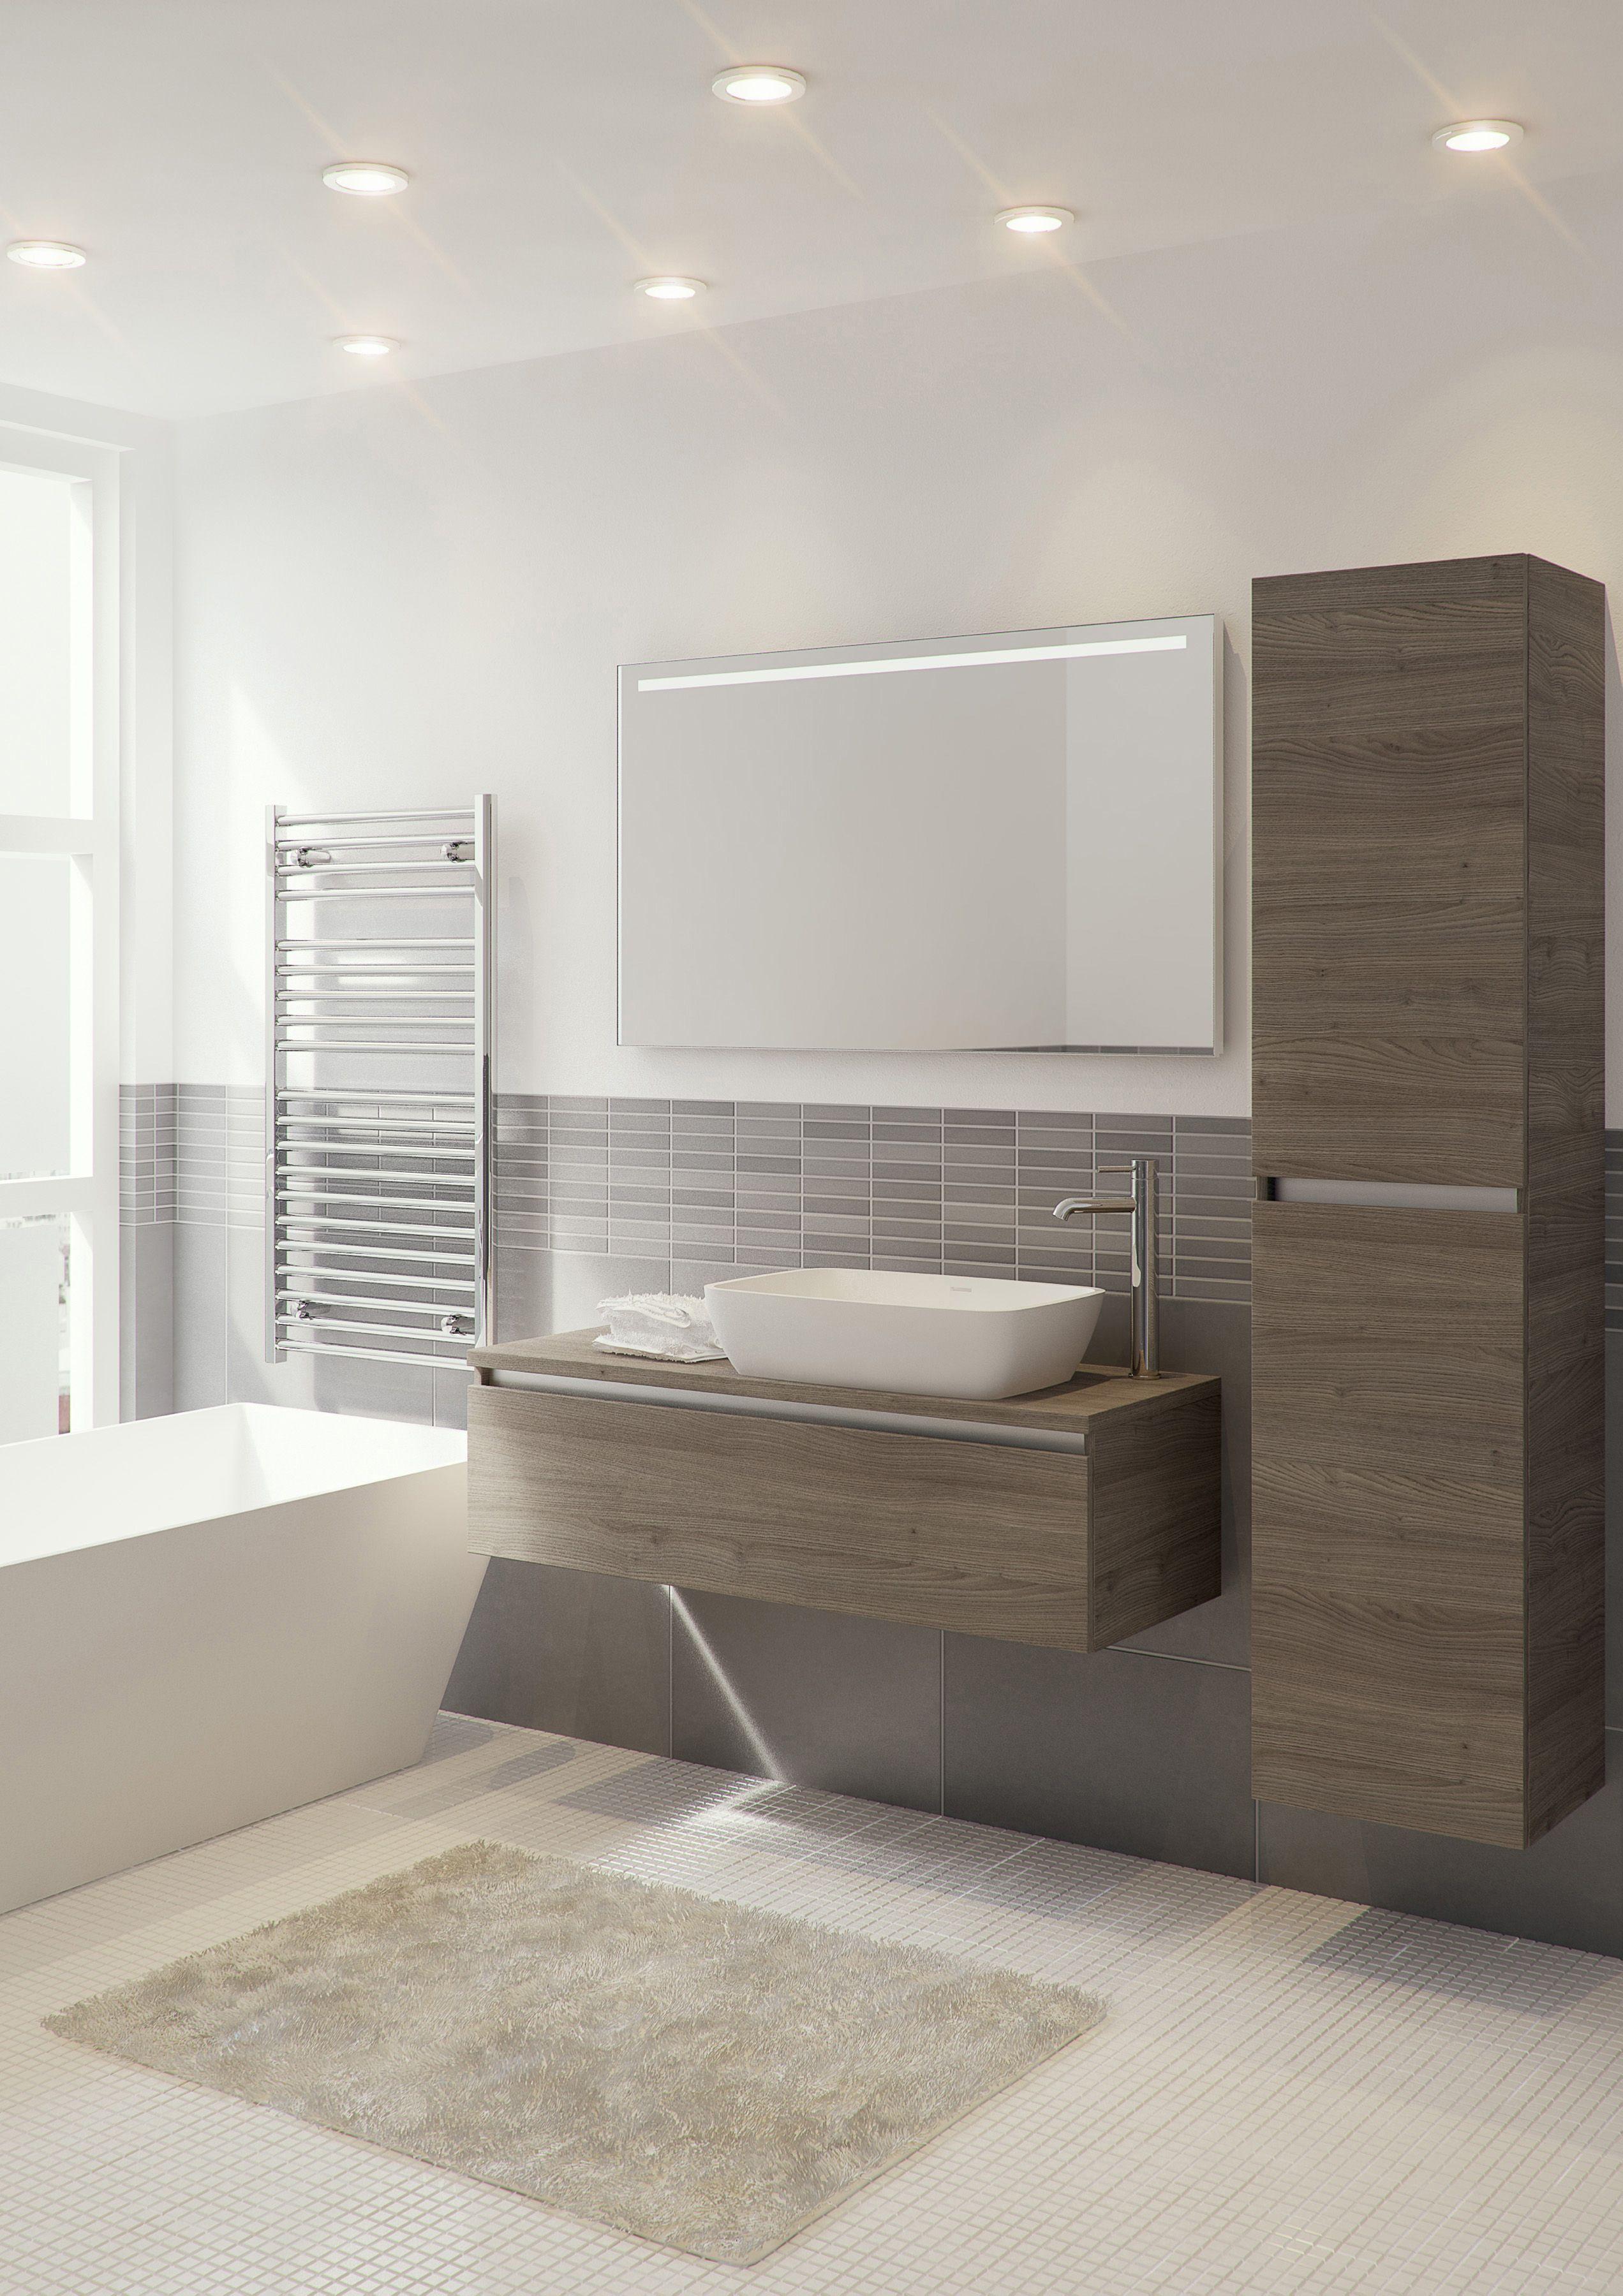 Bruynzeel badmeubel en hoge kast faro in de kleur tortona badkamerkast badkamer idee - Badkamer kleur idee ...